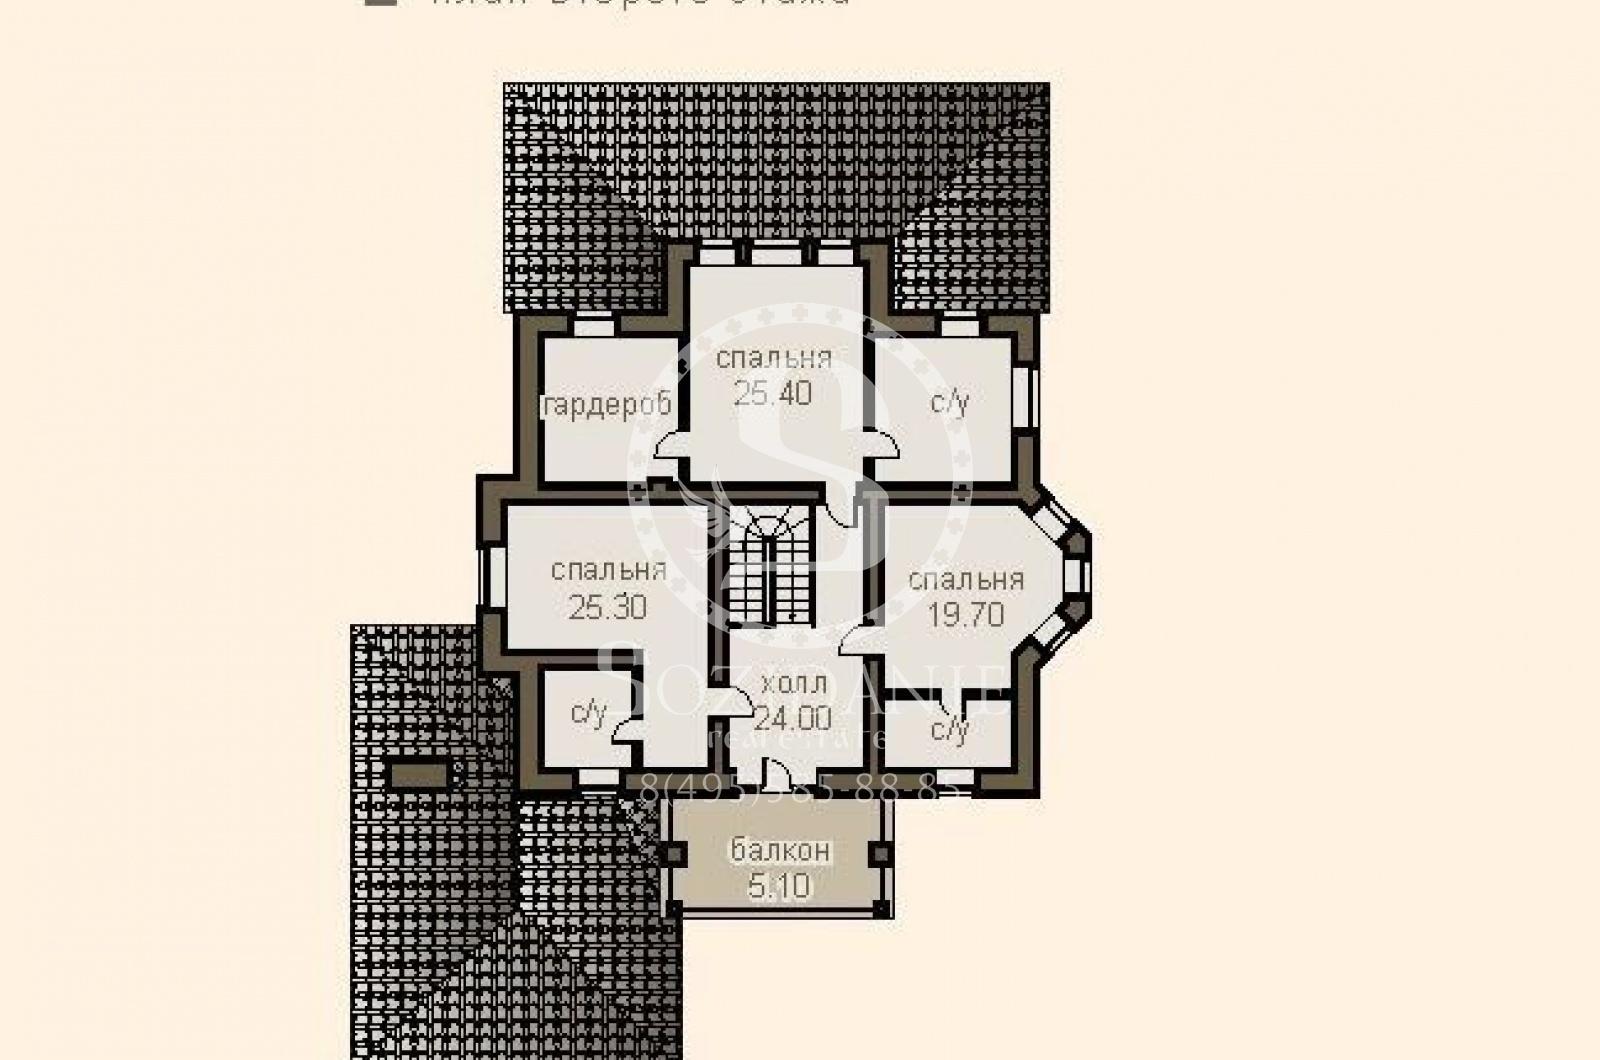 4 Bedrooms, Загородная, Продажа, Listing ID 1398, Московская область, Россия,